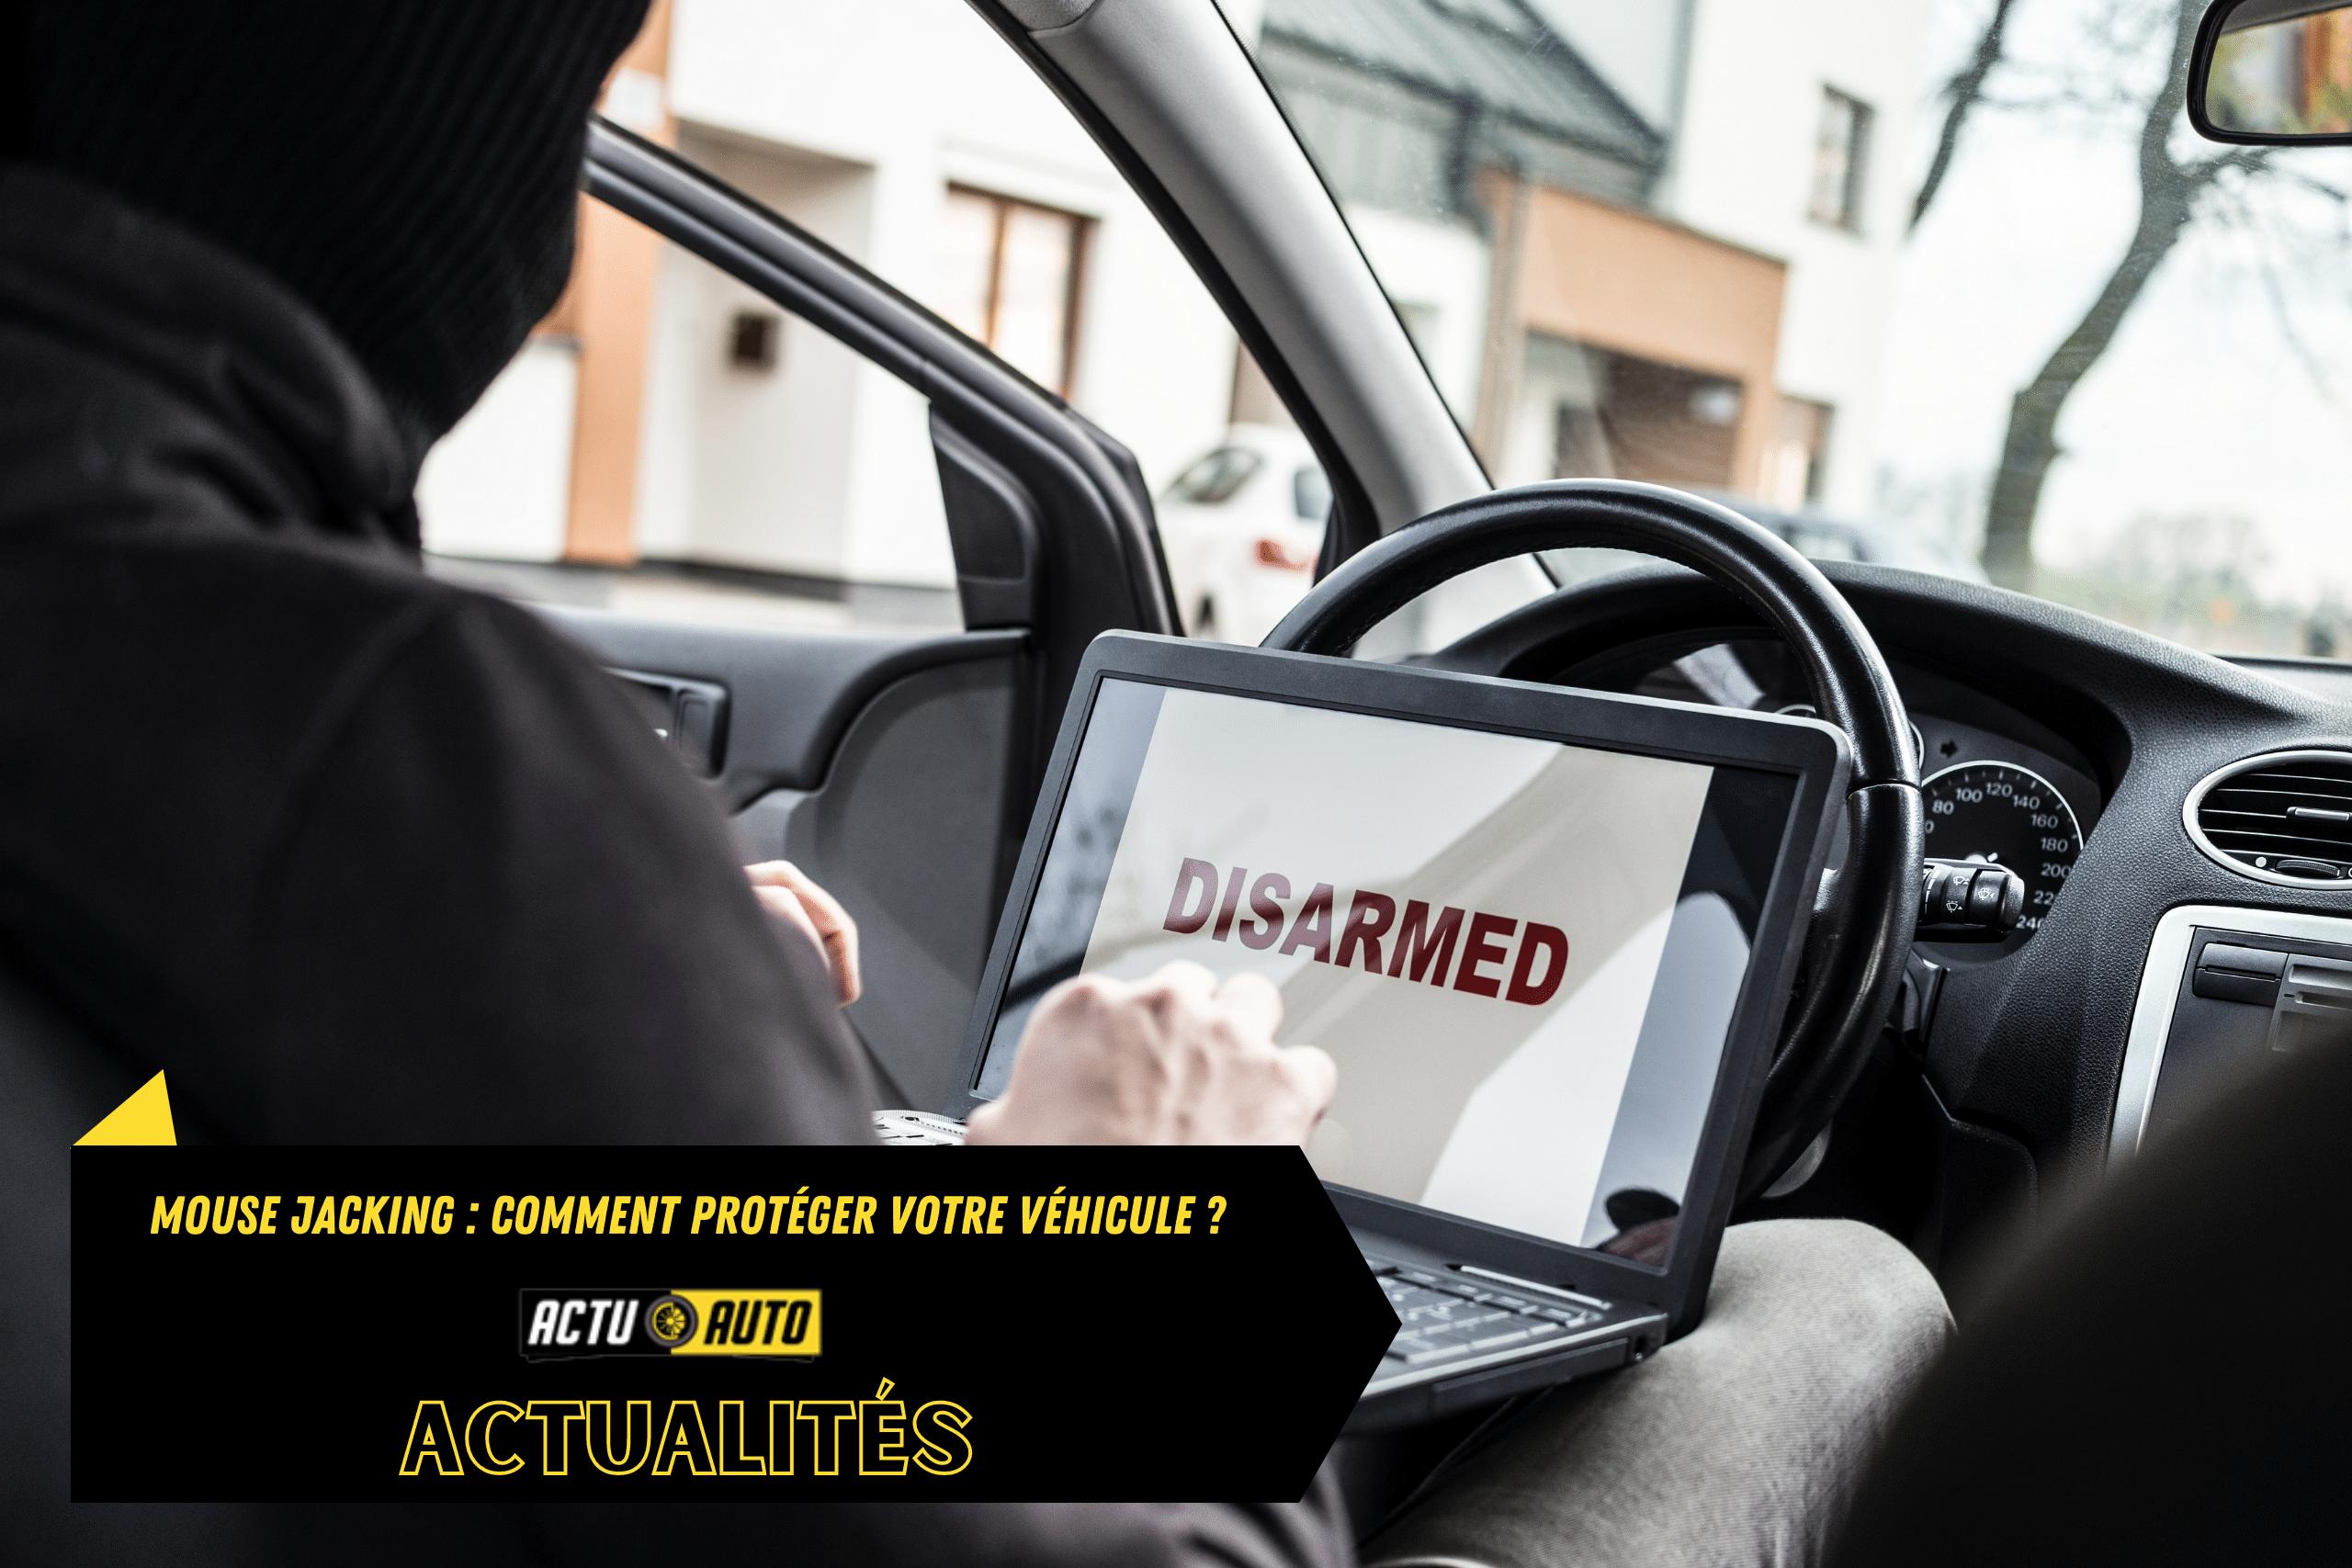 Mouse jacking, comment proteger votre vehicule   Actuauto.fr